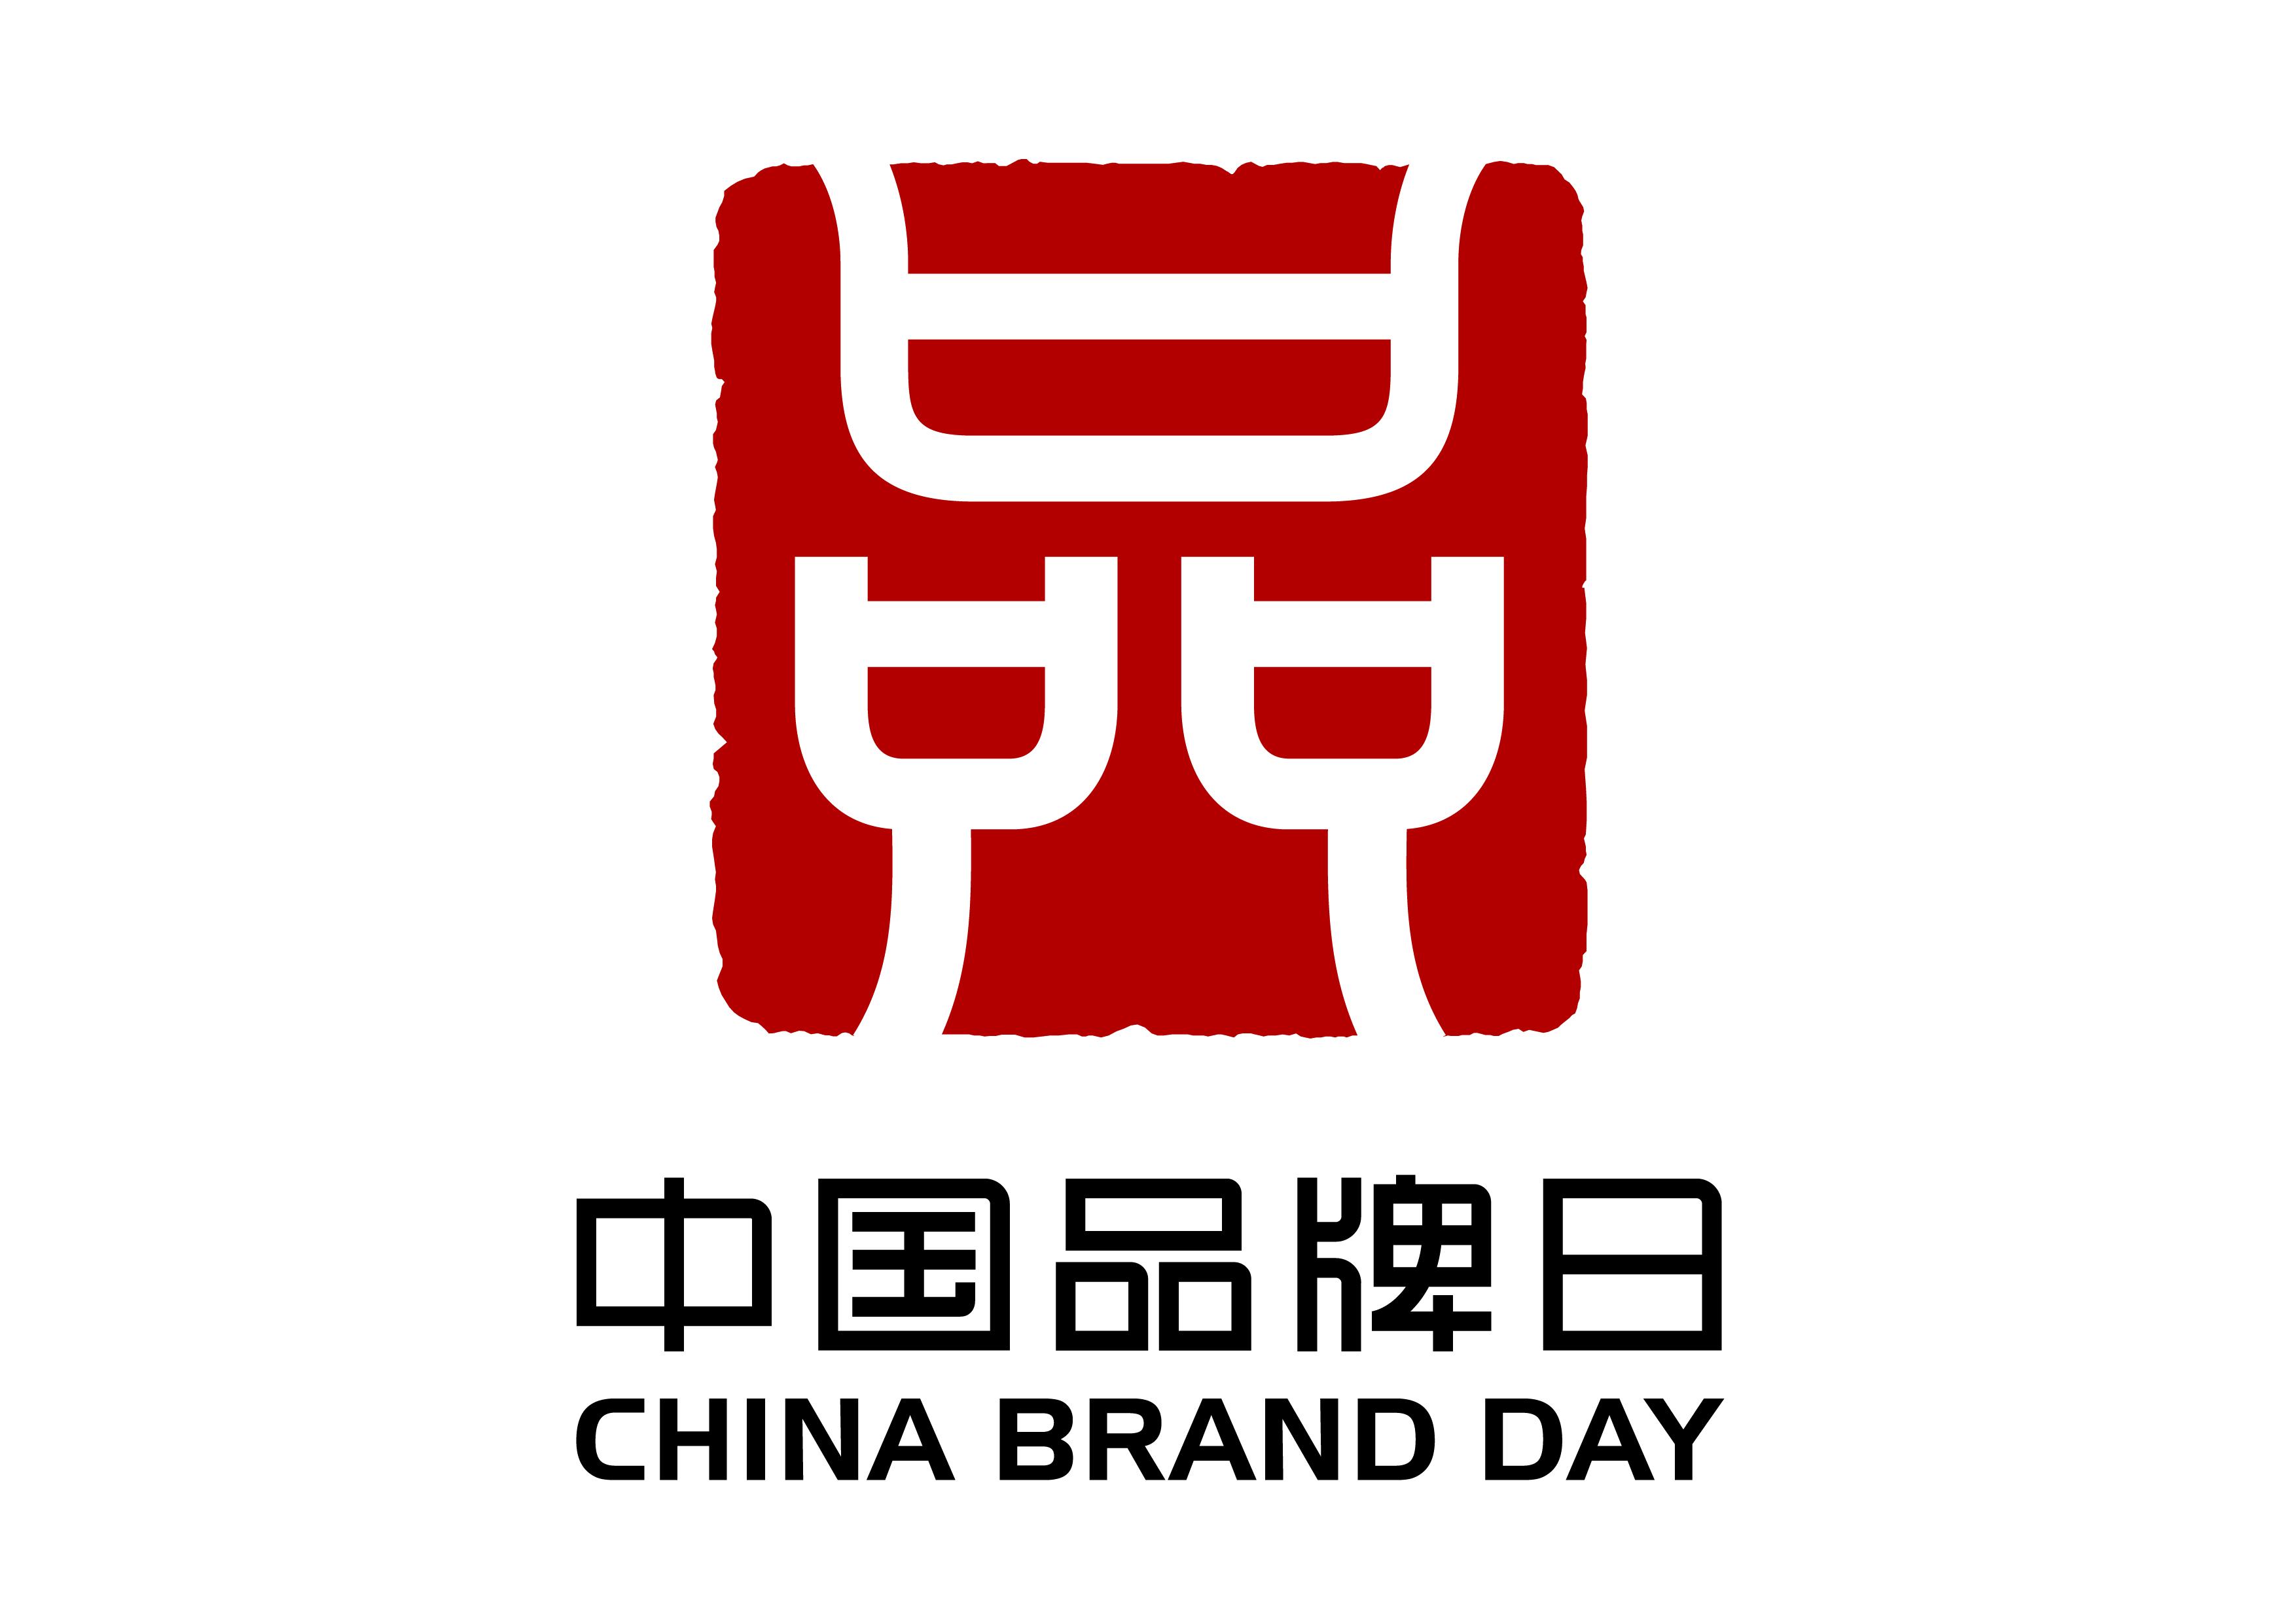 中国品牌日LOGO